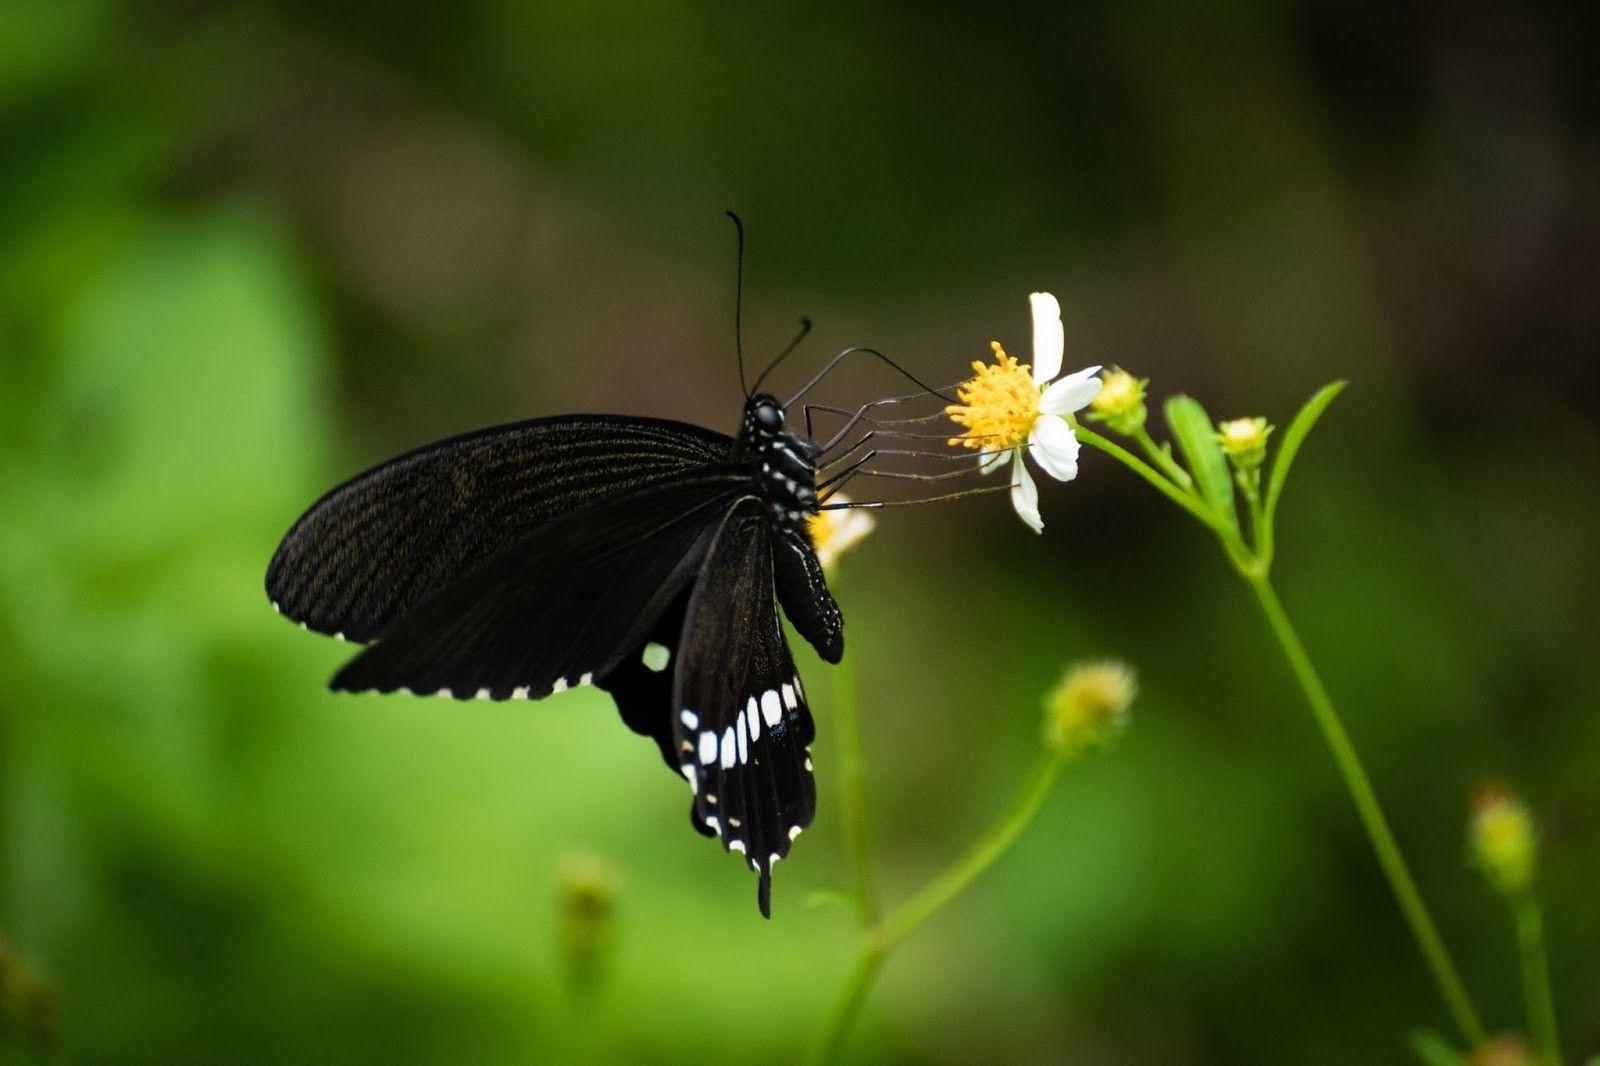 Pin by Cindy Badtke on Butterflies Butterfly wings